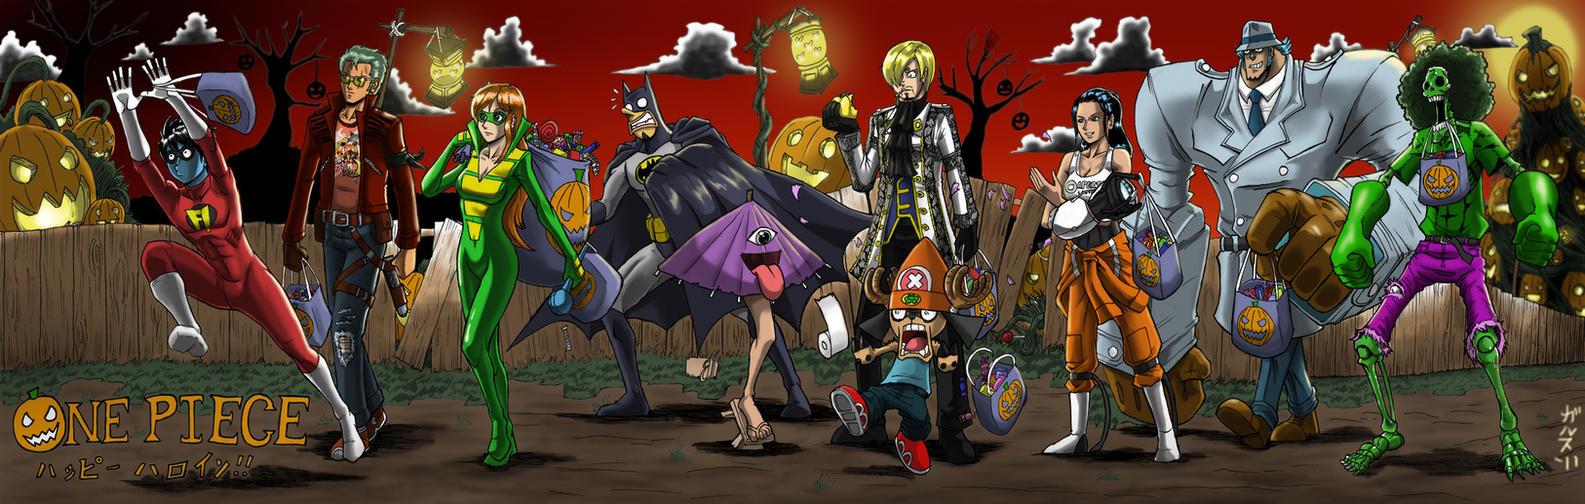 One Piece Halloween by Garth2The2ndPower